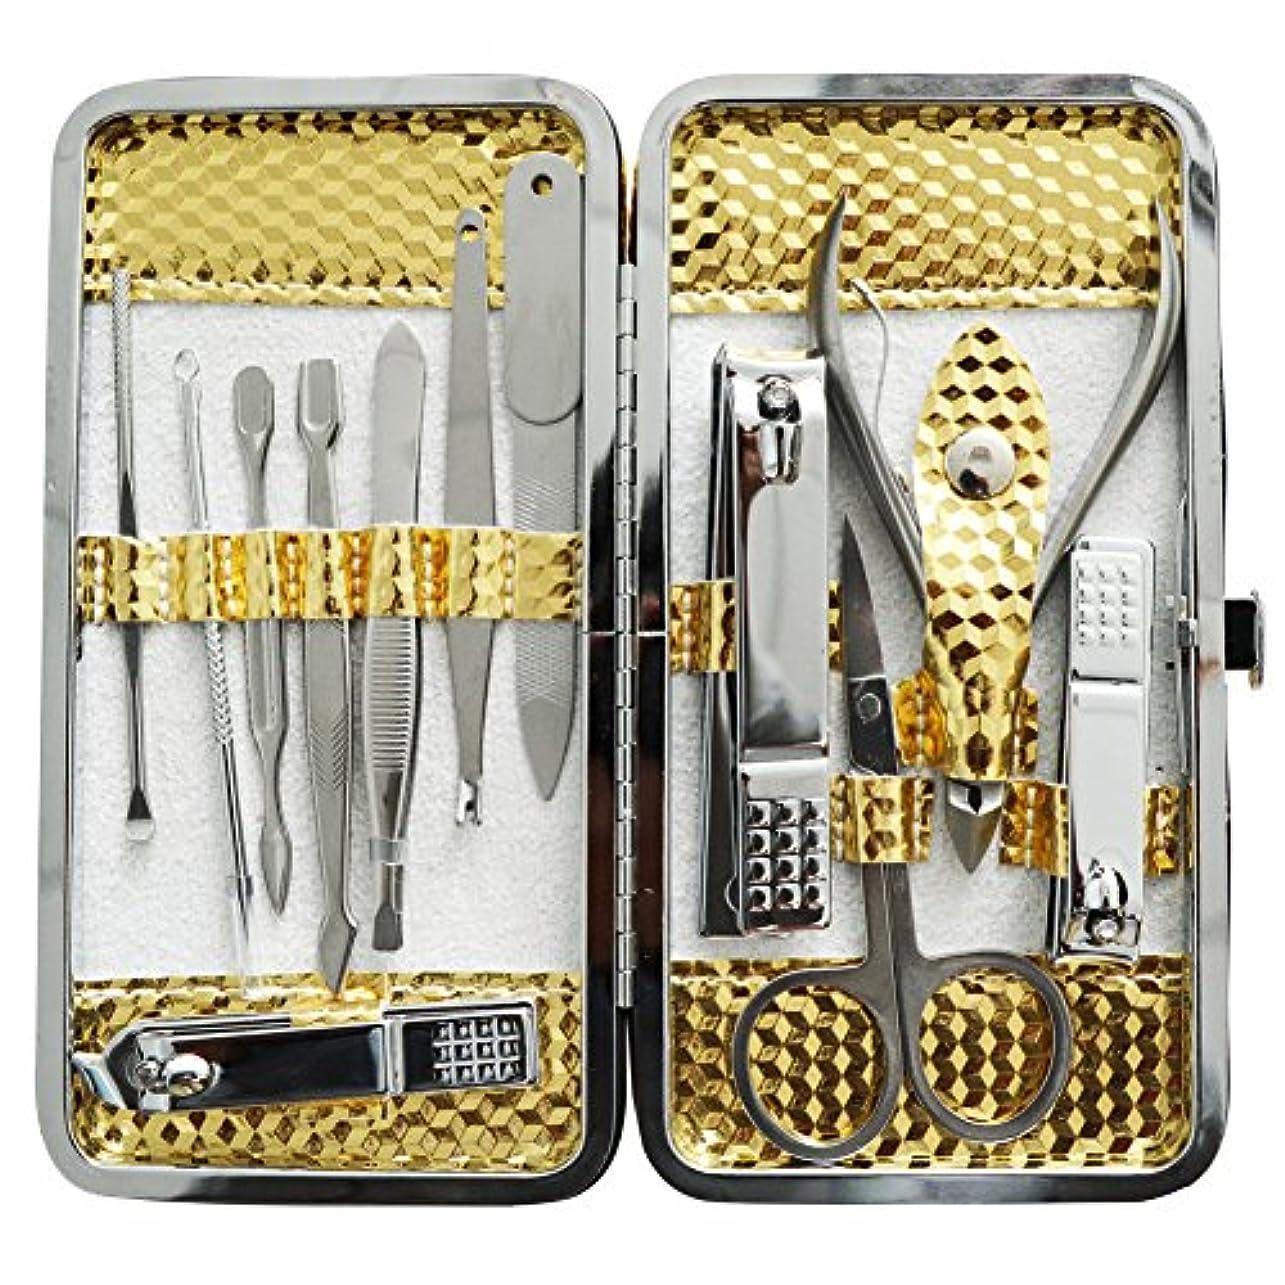 自治アナログ気味の悪い爪切りセット 耳掃除機 12枚はさみ、キューティクルをトリマー、耳かき、ナイフ